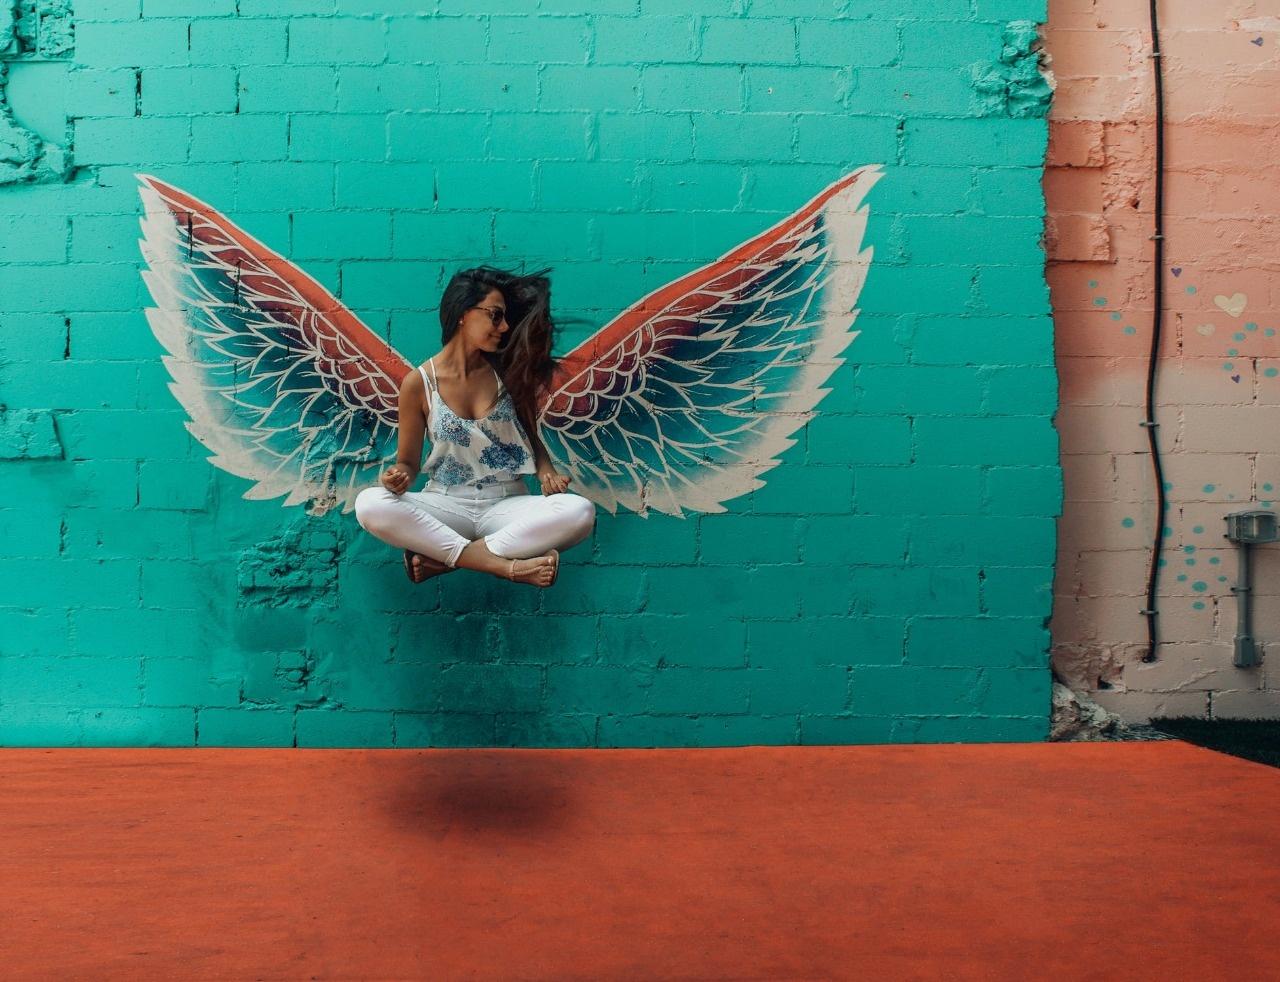 Нацарапанные послания. Граффити — подростковое увлечение или искусство?